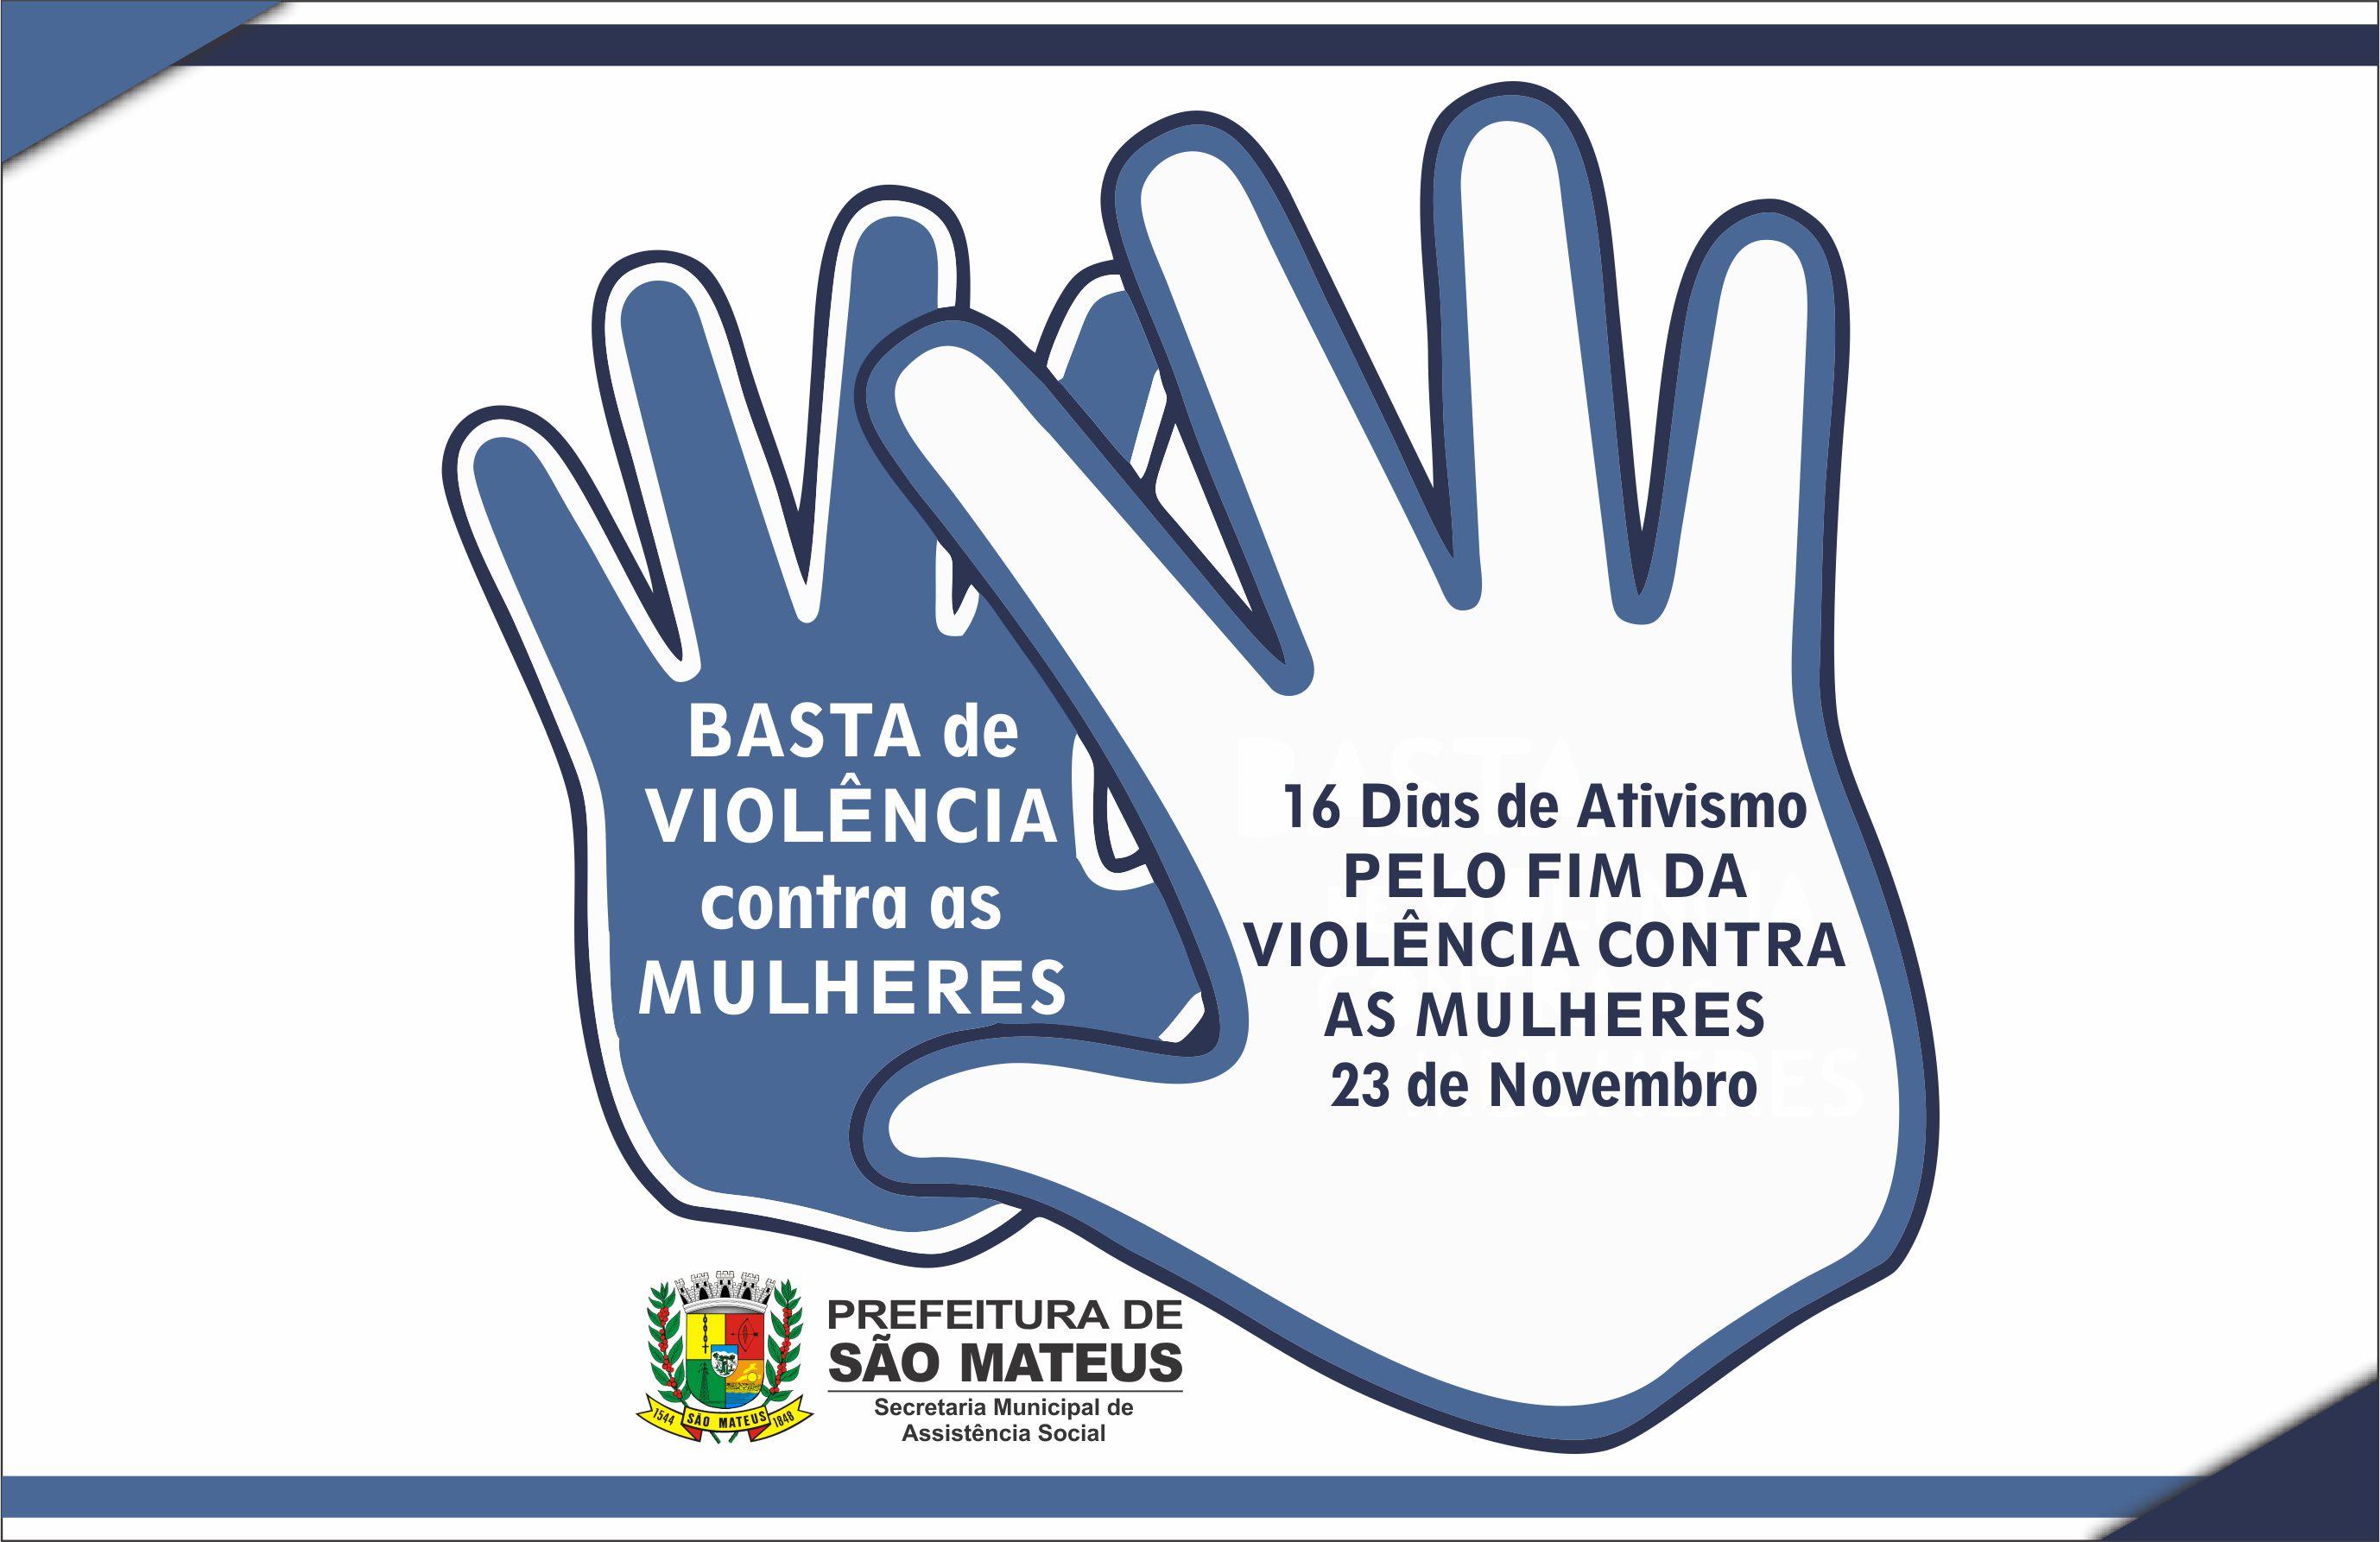 São Mateus adere à campanha mundial pelo fim da violência contra as mulheres